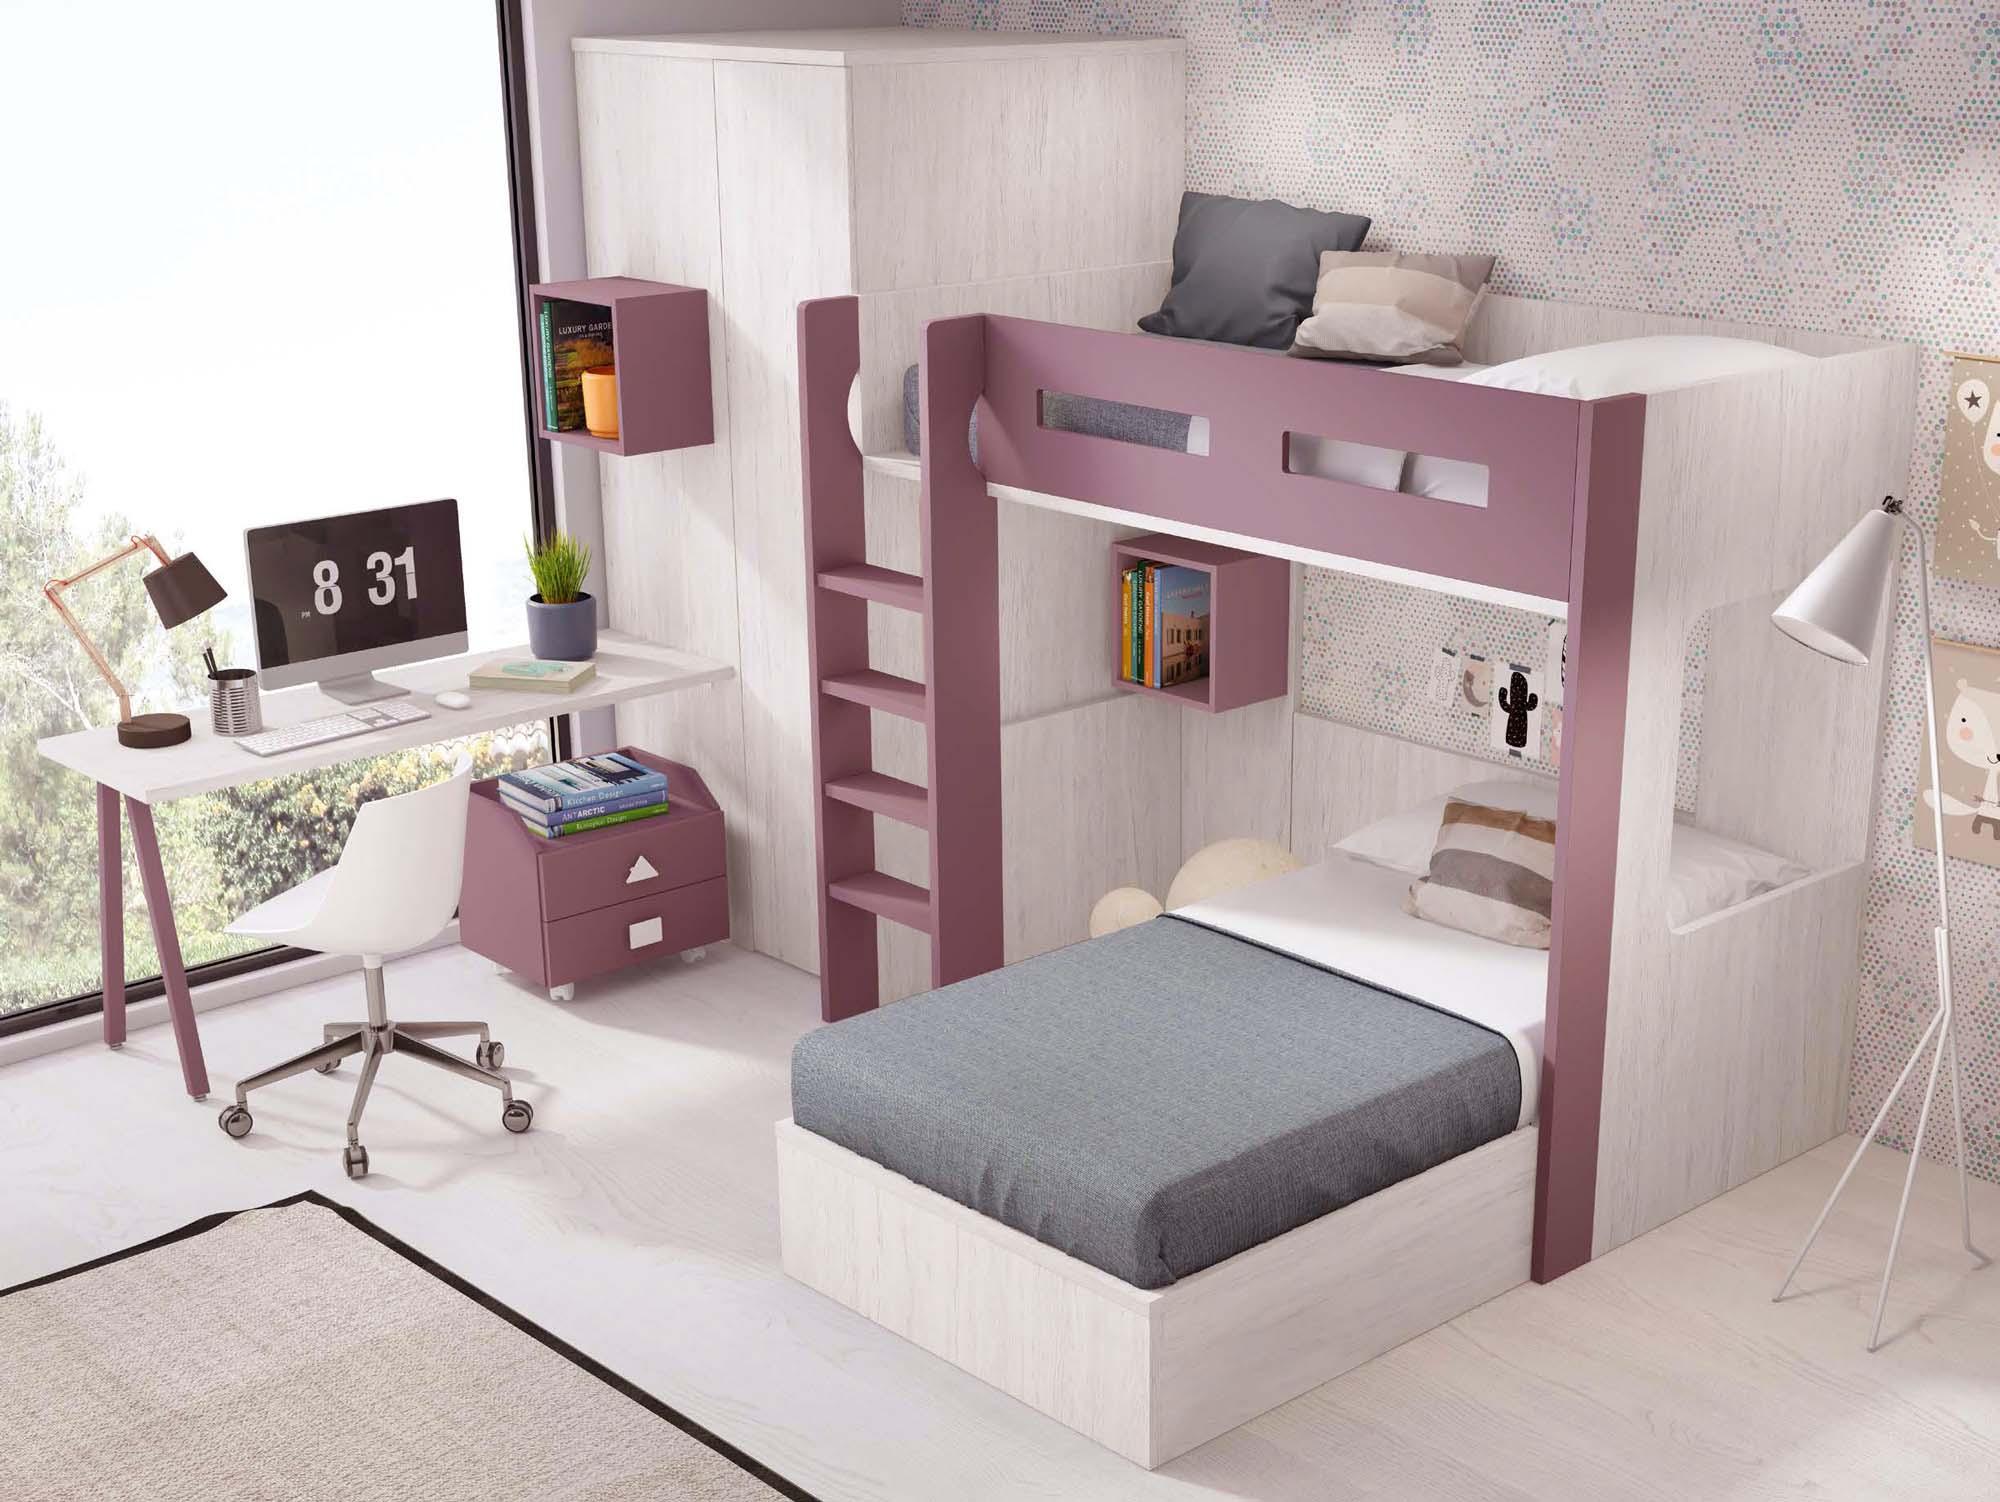 lit superpose separable avec armoire et bureau personnalisable f265 glicerio